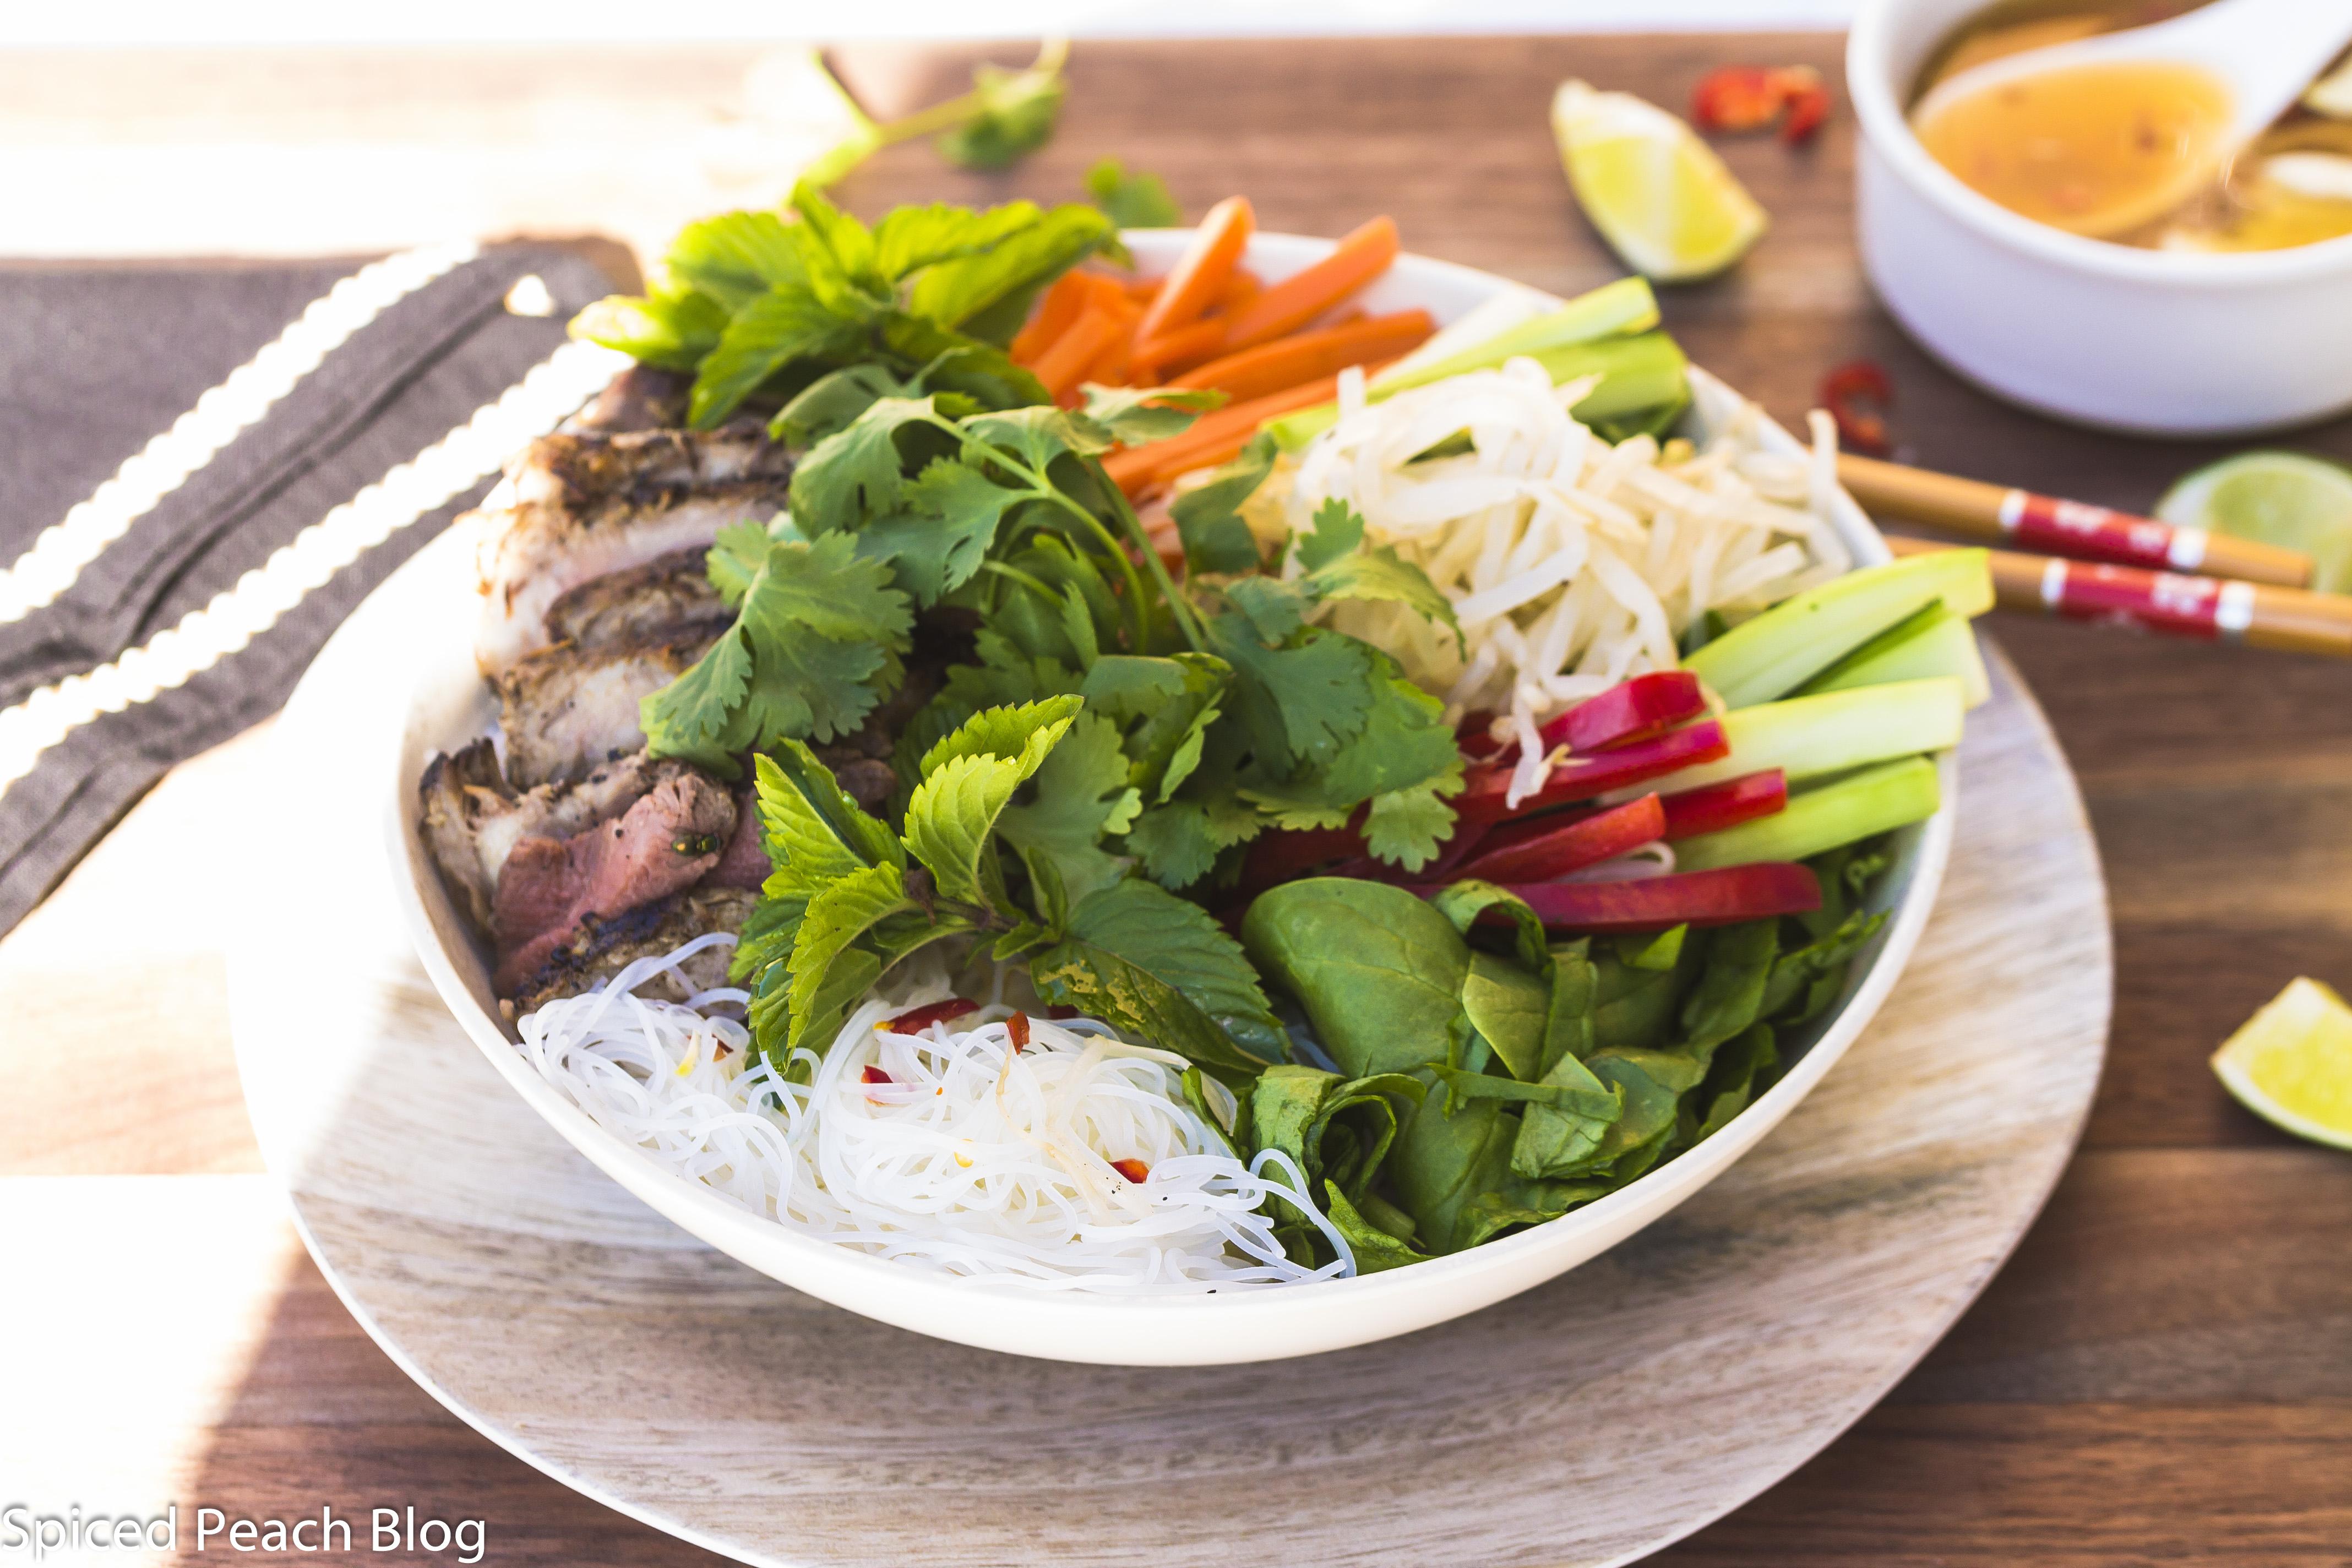 Vietnamese Style Noodle Salad